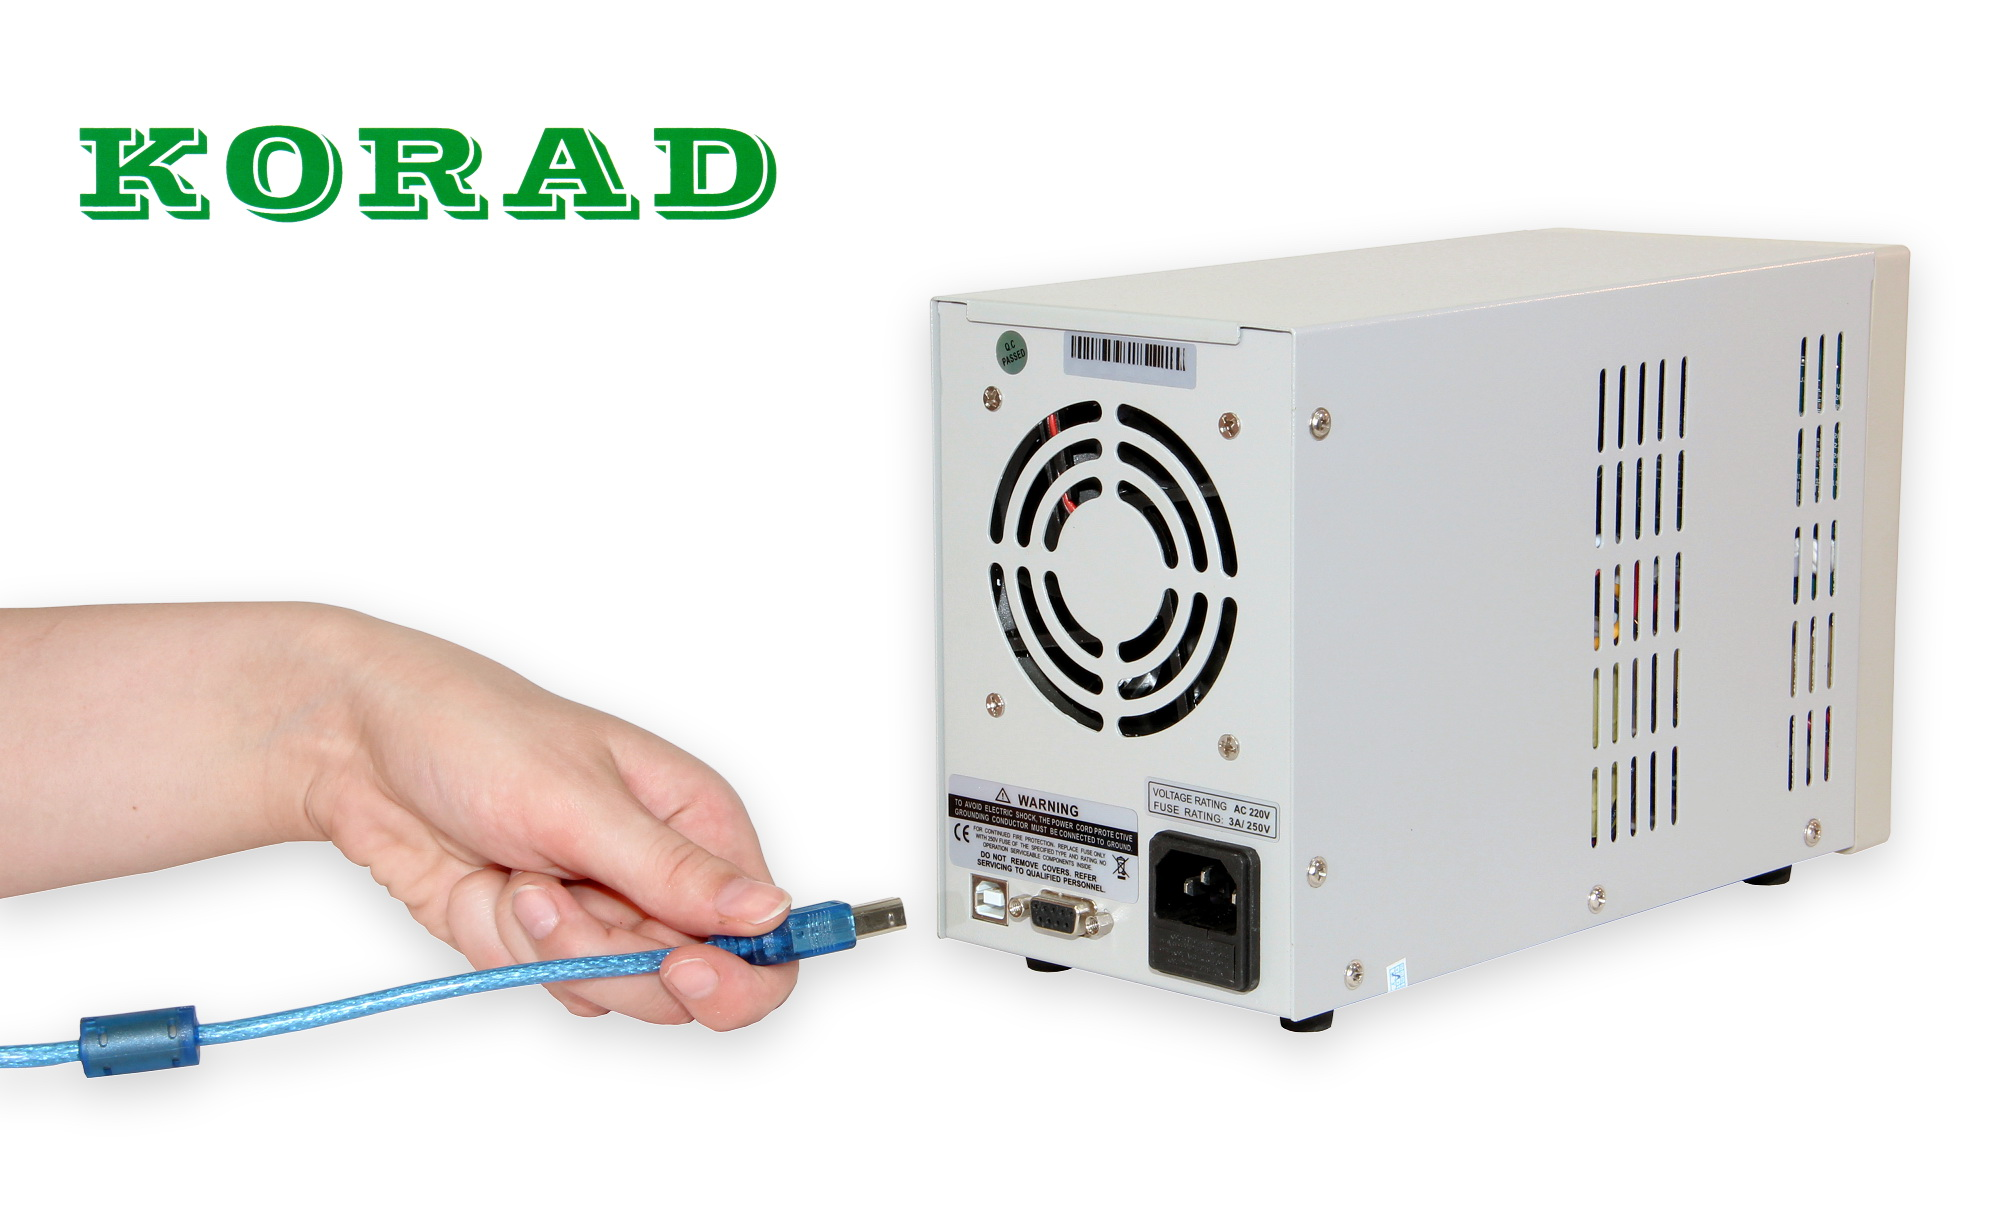 Programovatelný laboratorní zdroj Korad KA3005P s připojením k PC